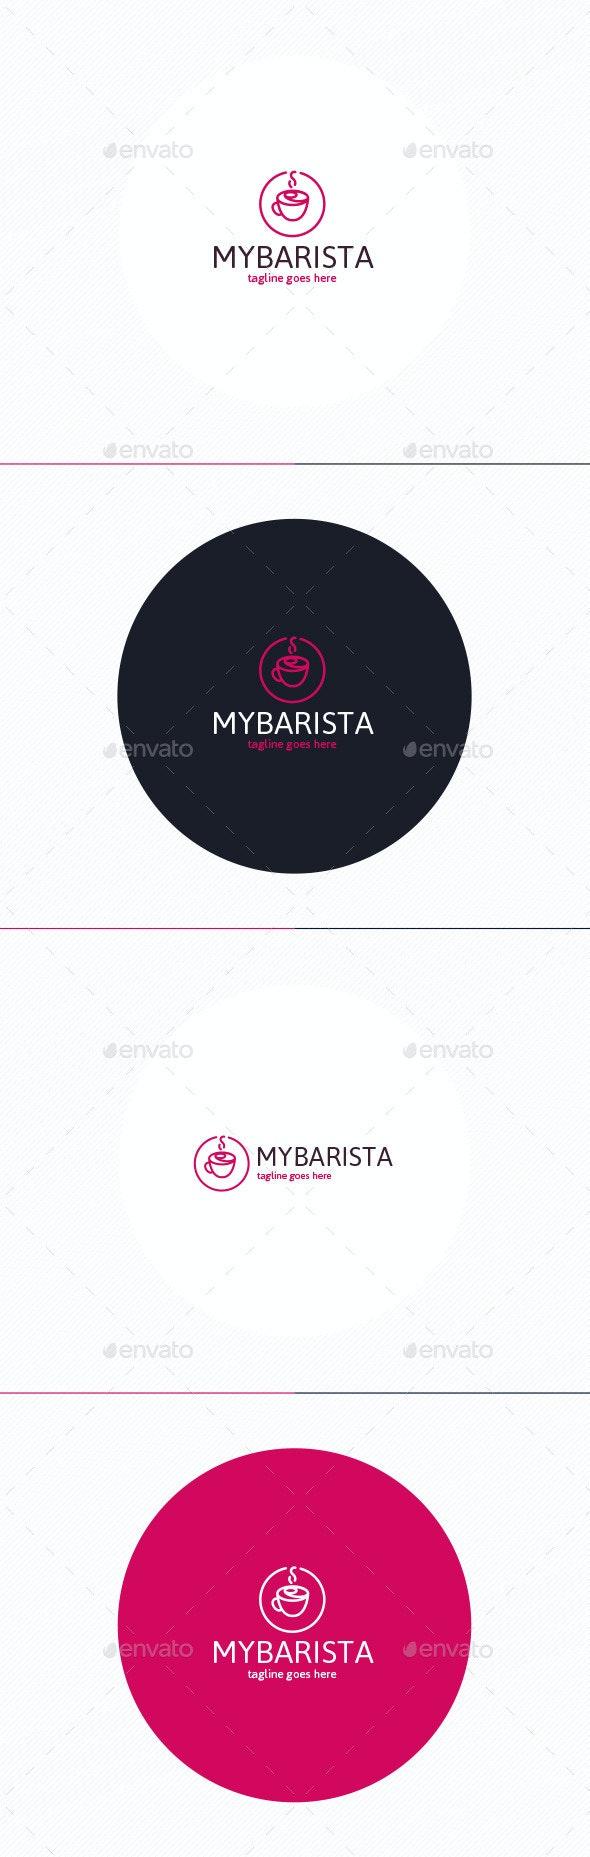 My Barista Logo